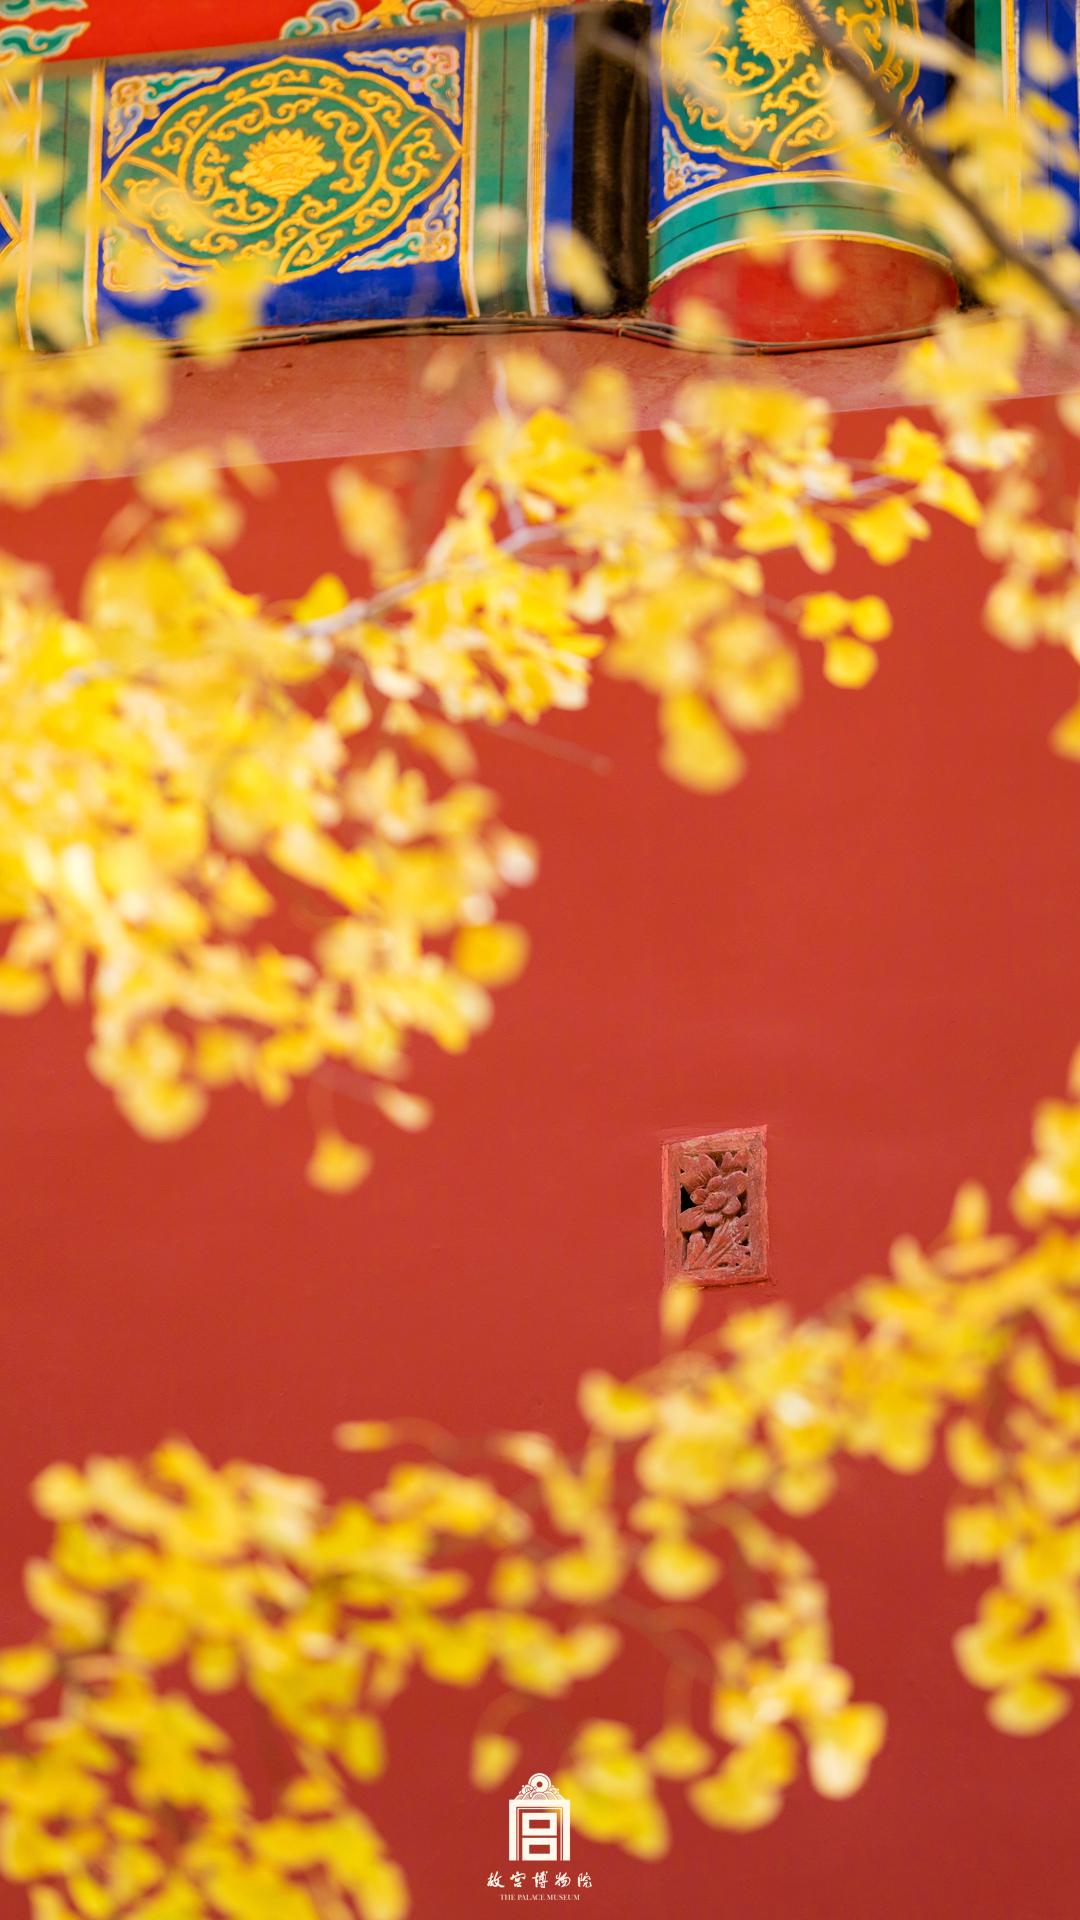 故宫瓦绿银杏黄,夜乘风舞扰御猫 (图/故宫博物院)